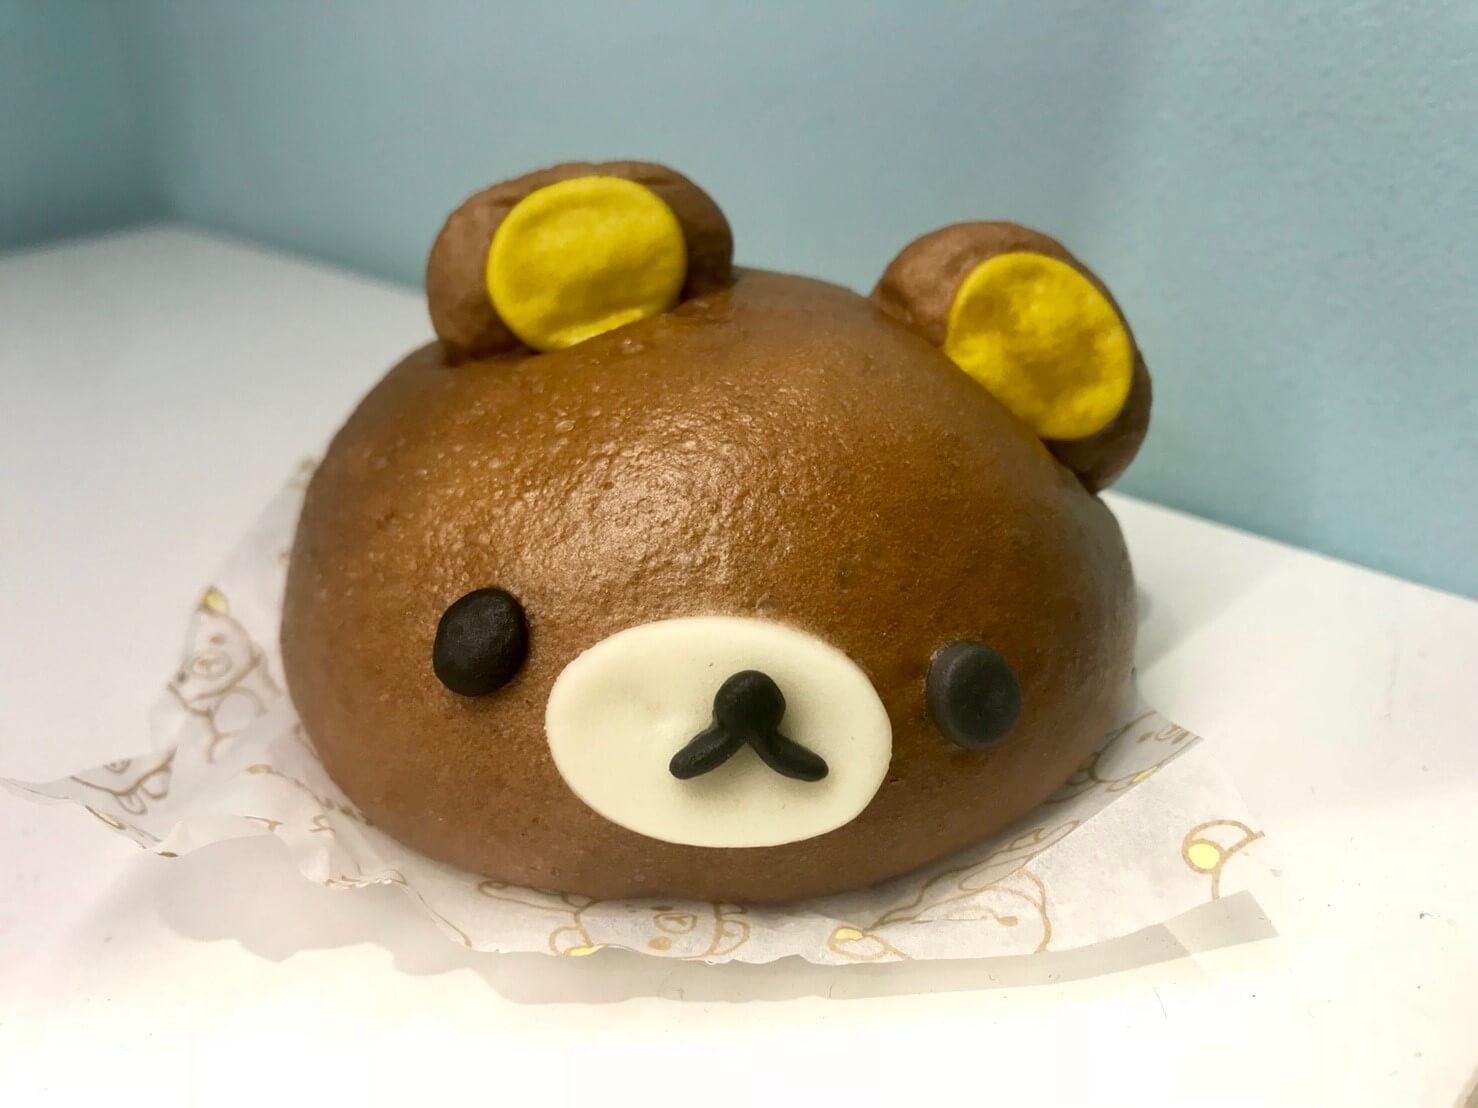 您嚐過了嗎?日本便利商店Lawson推出暖呼呼、超可愛的懶懶熊包子「リラックまん」♡ 懶懶熊、甜點、